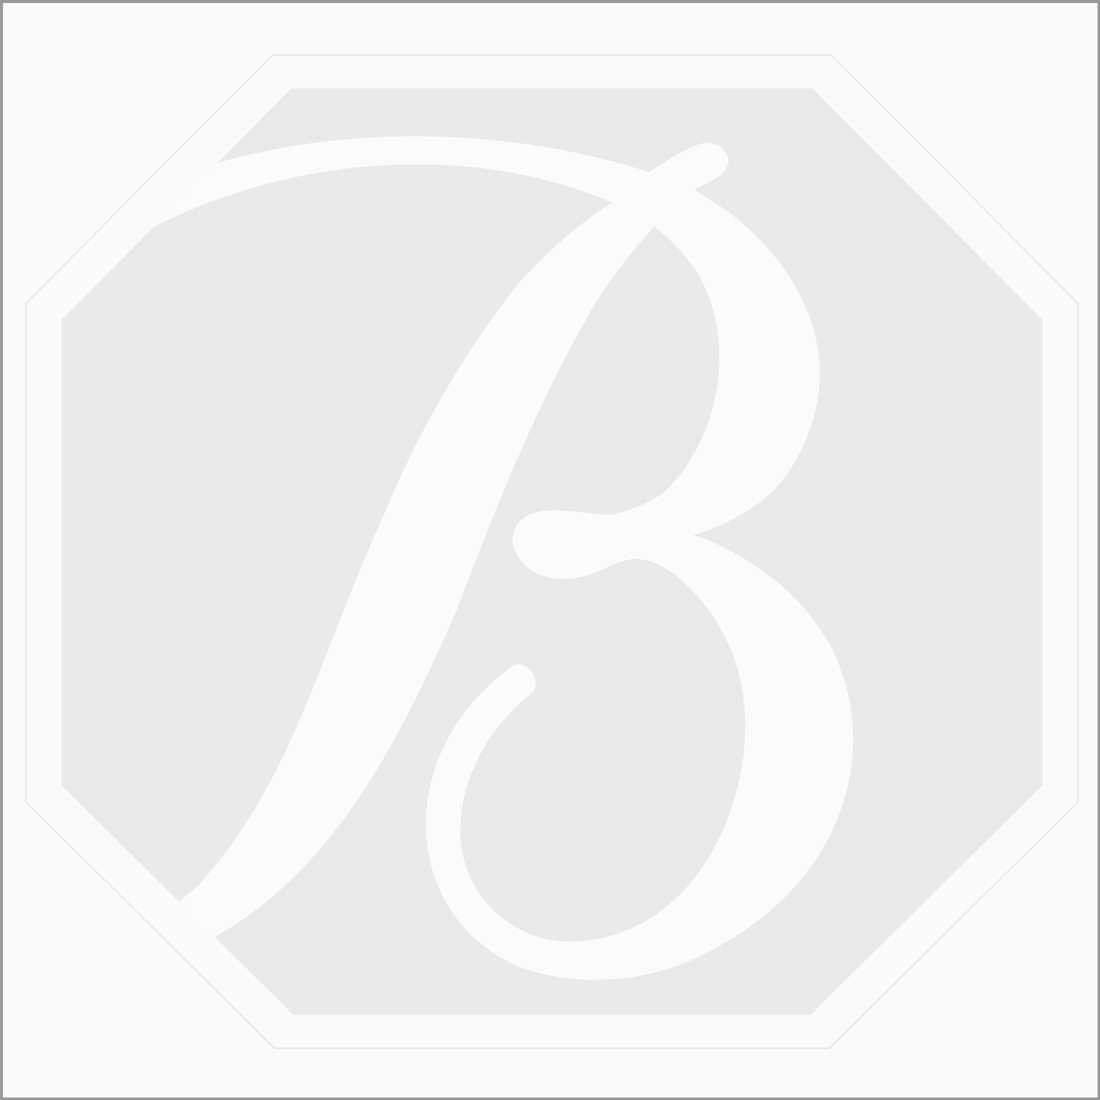 2 Pcs - Dark Green Tourmaline Rose Cuts - 5.84 ct. - 12.7 x 9.6 x 2.9 mm & 12.4 x 9.7 x 2.6 mm (TRC1022)